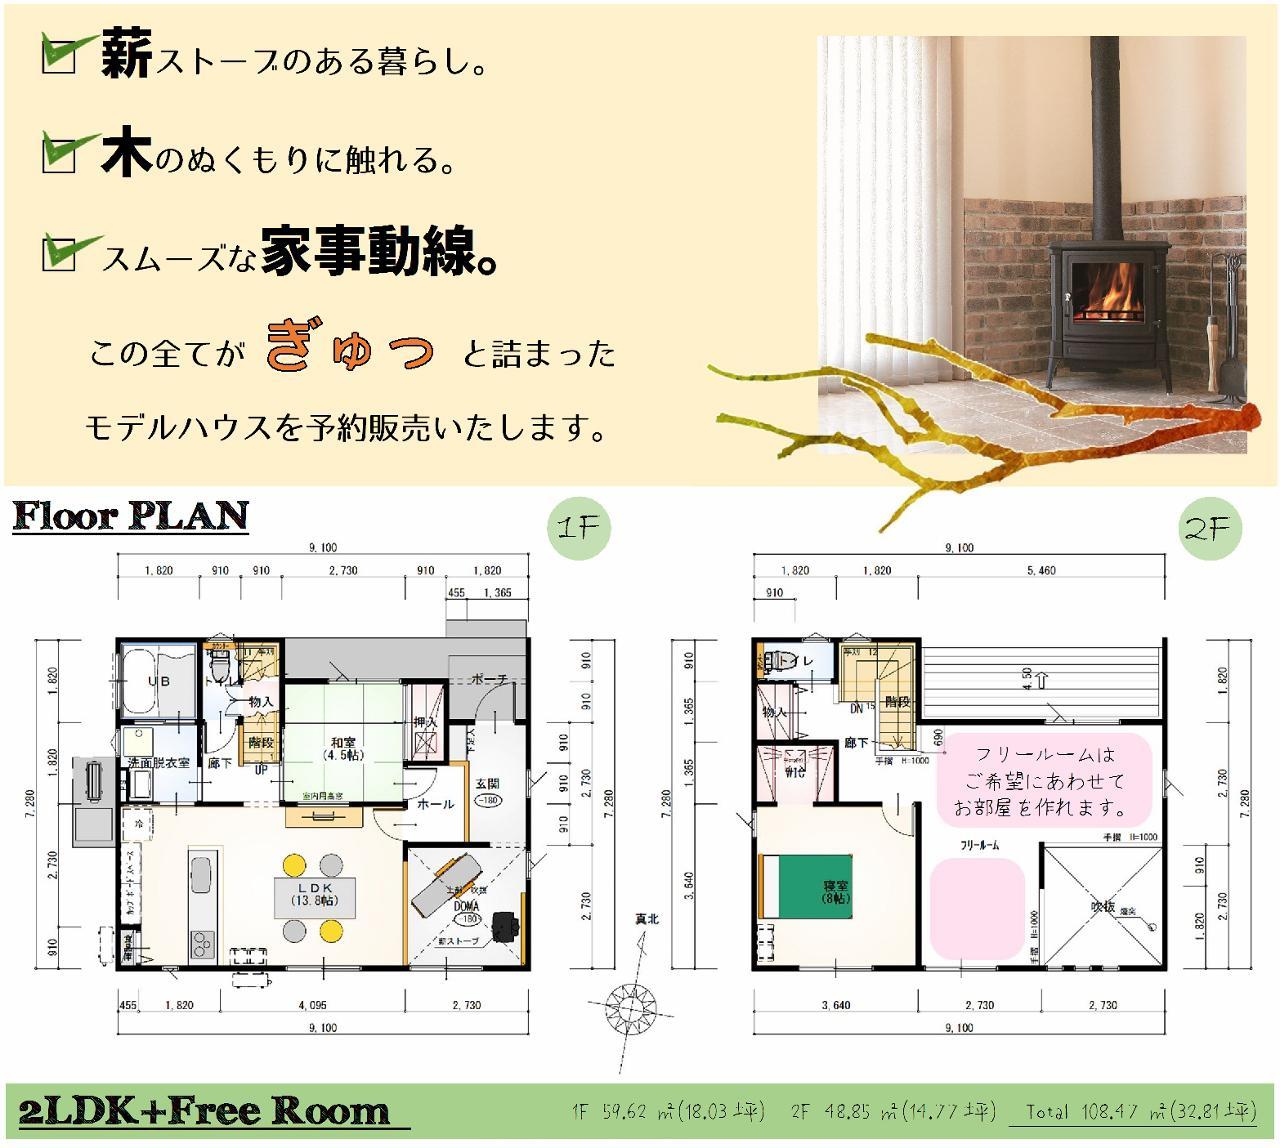 ときわ台南モデルハウス〜販売情報〜